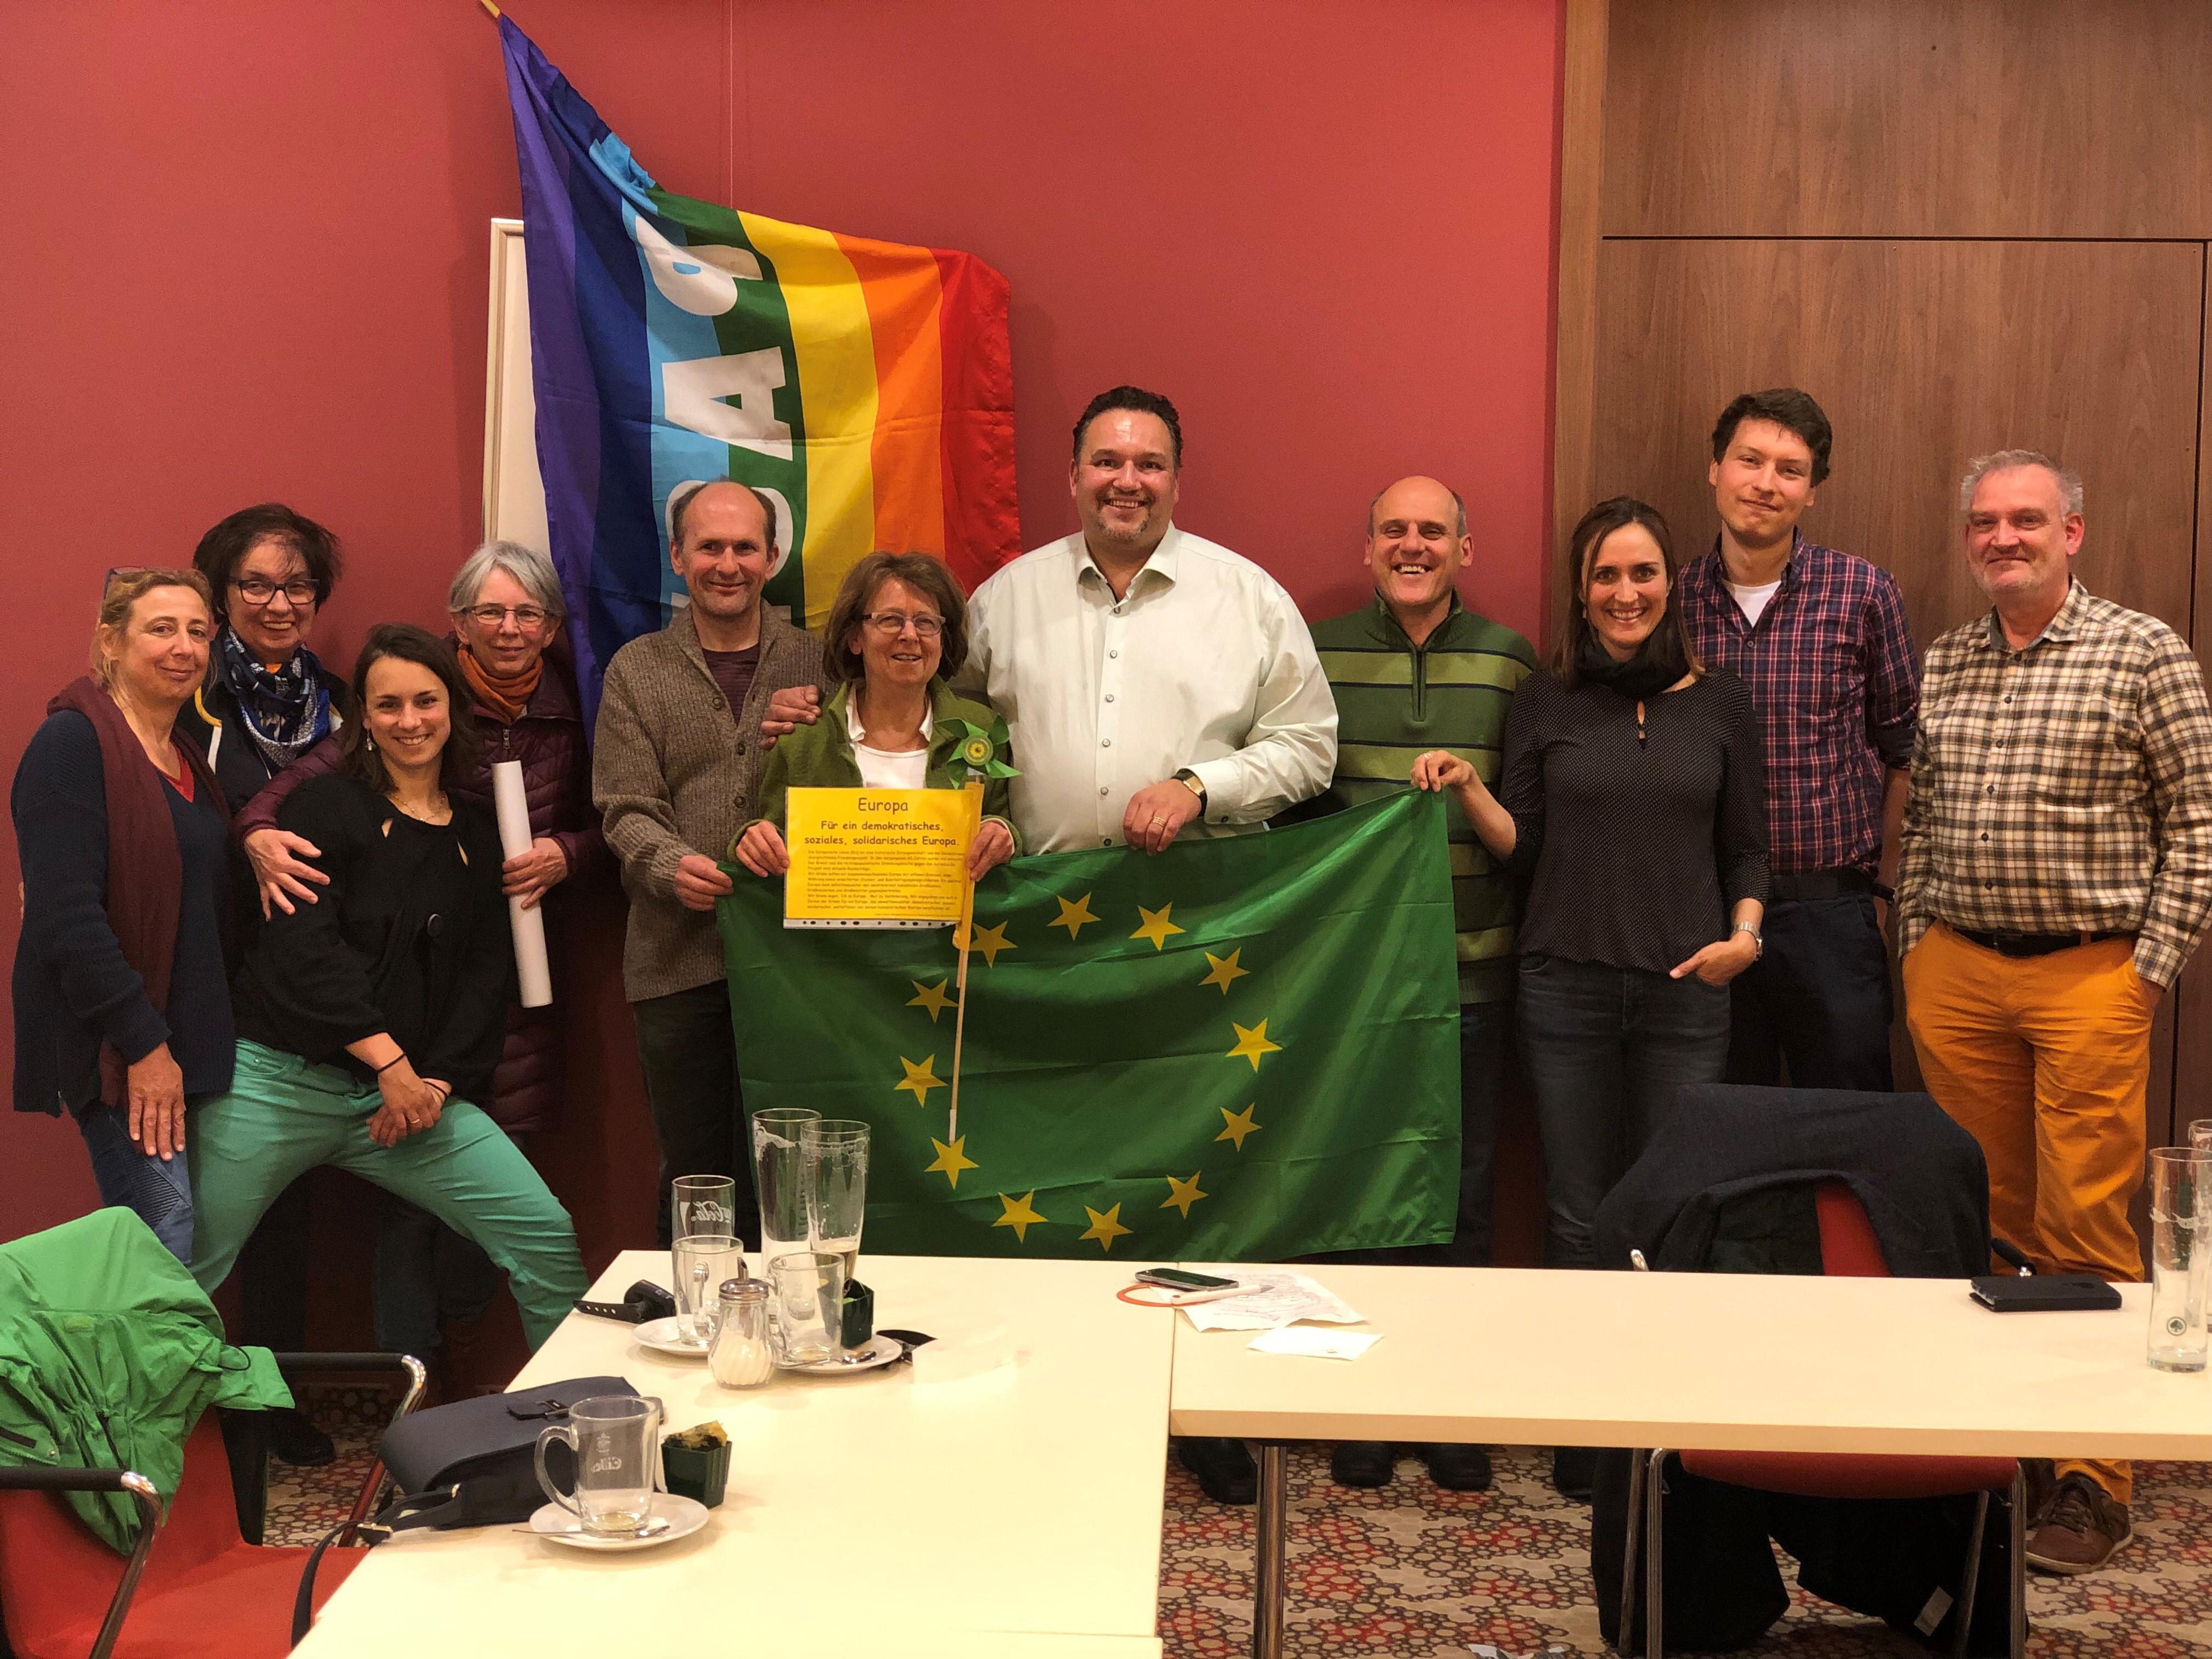 Warum wir für die EU kämpfen müssen! Romeo Franz in Speyer